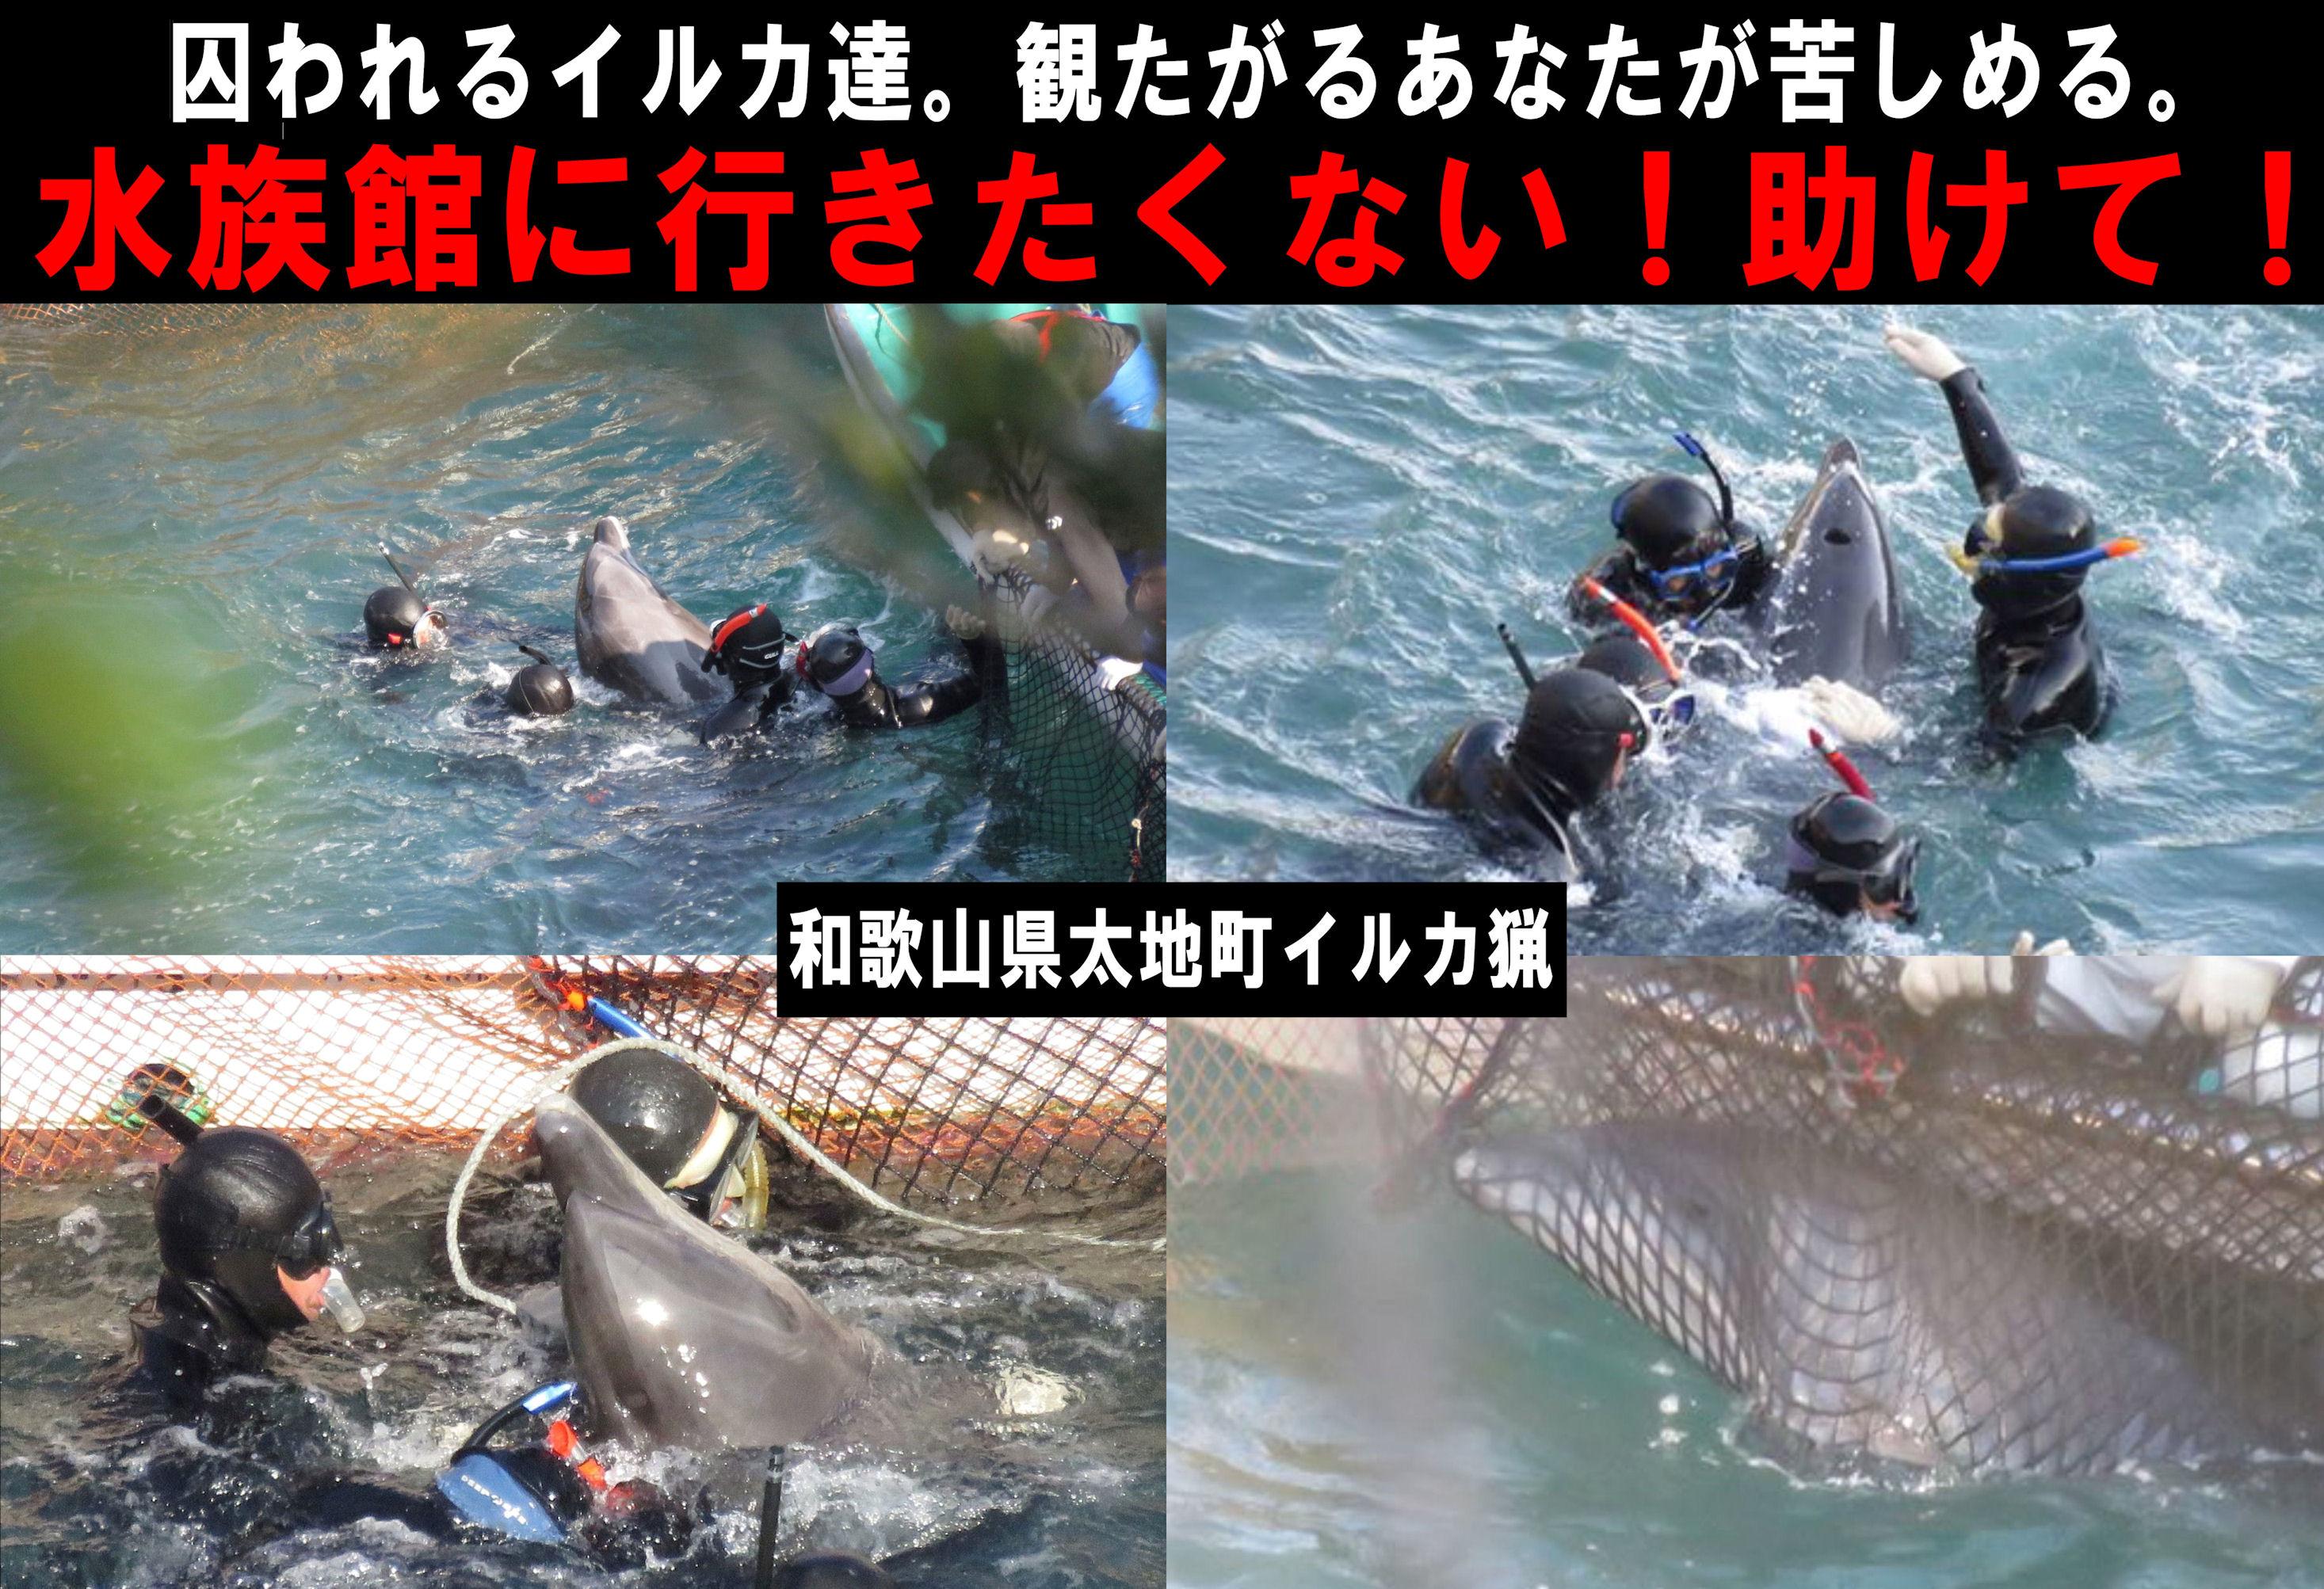 dolphins5a.jpg